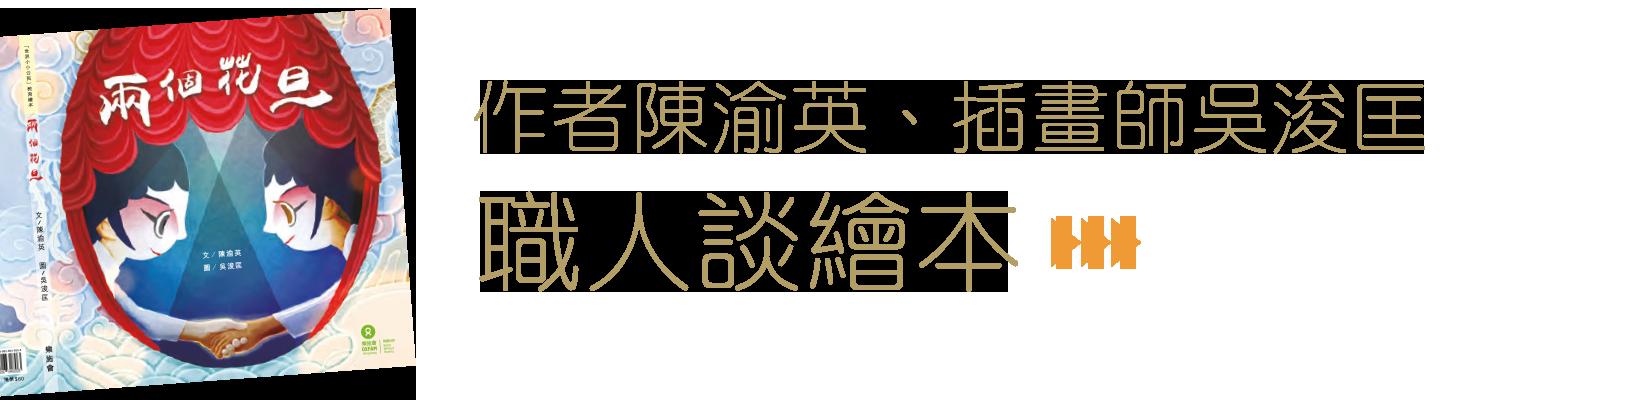 作者陈渝英、插画师吴浚匡 - 职人谈绘本